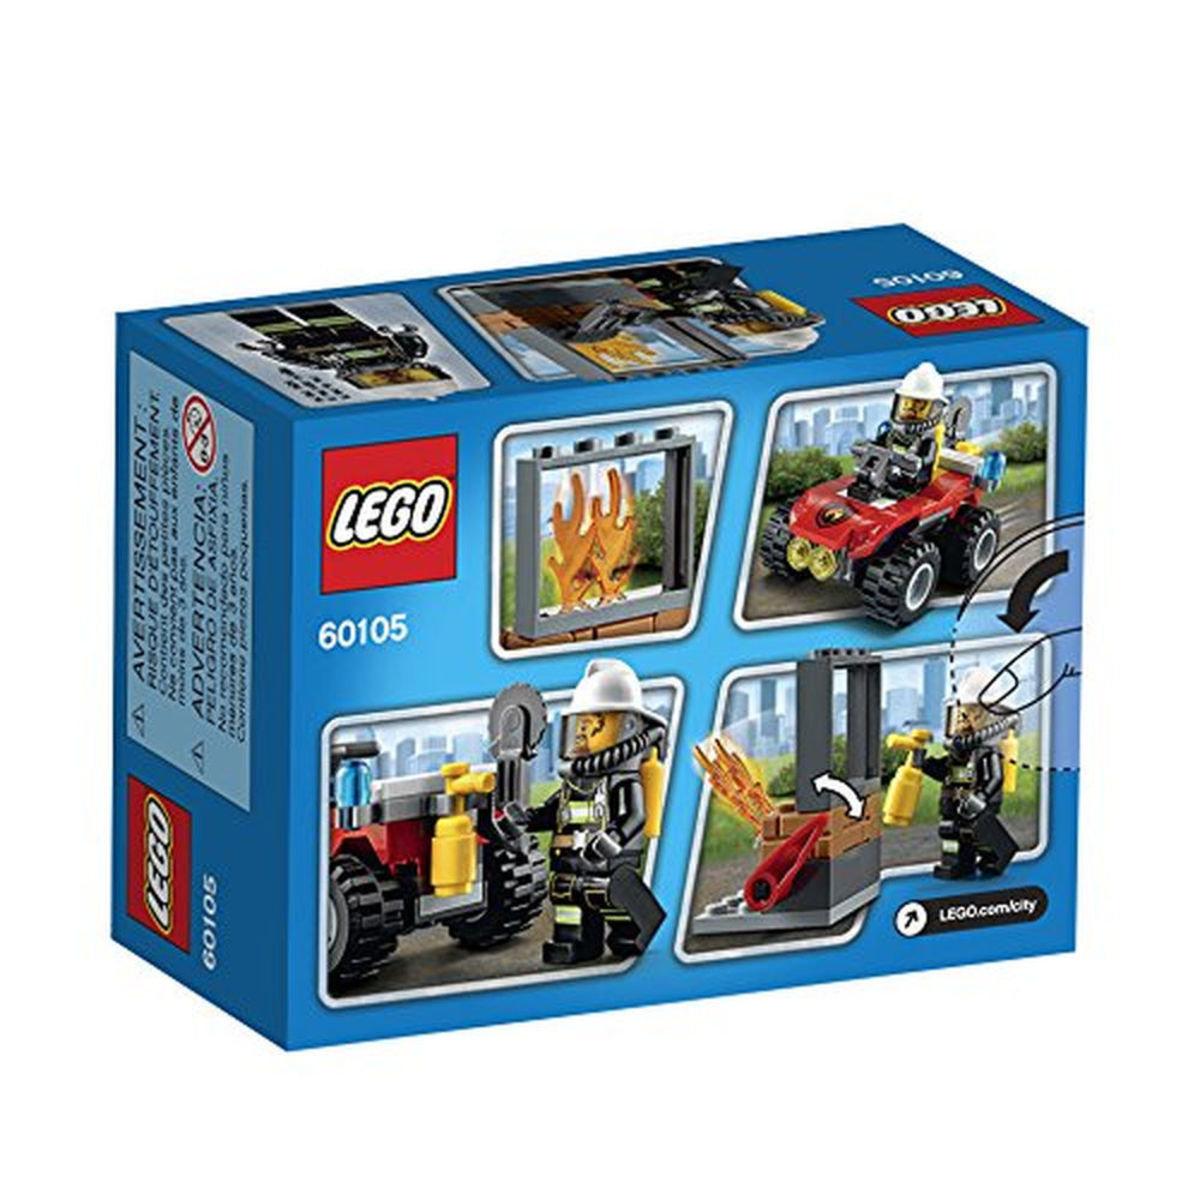 60105 City Fire 全地形消防車